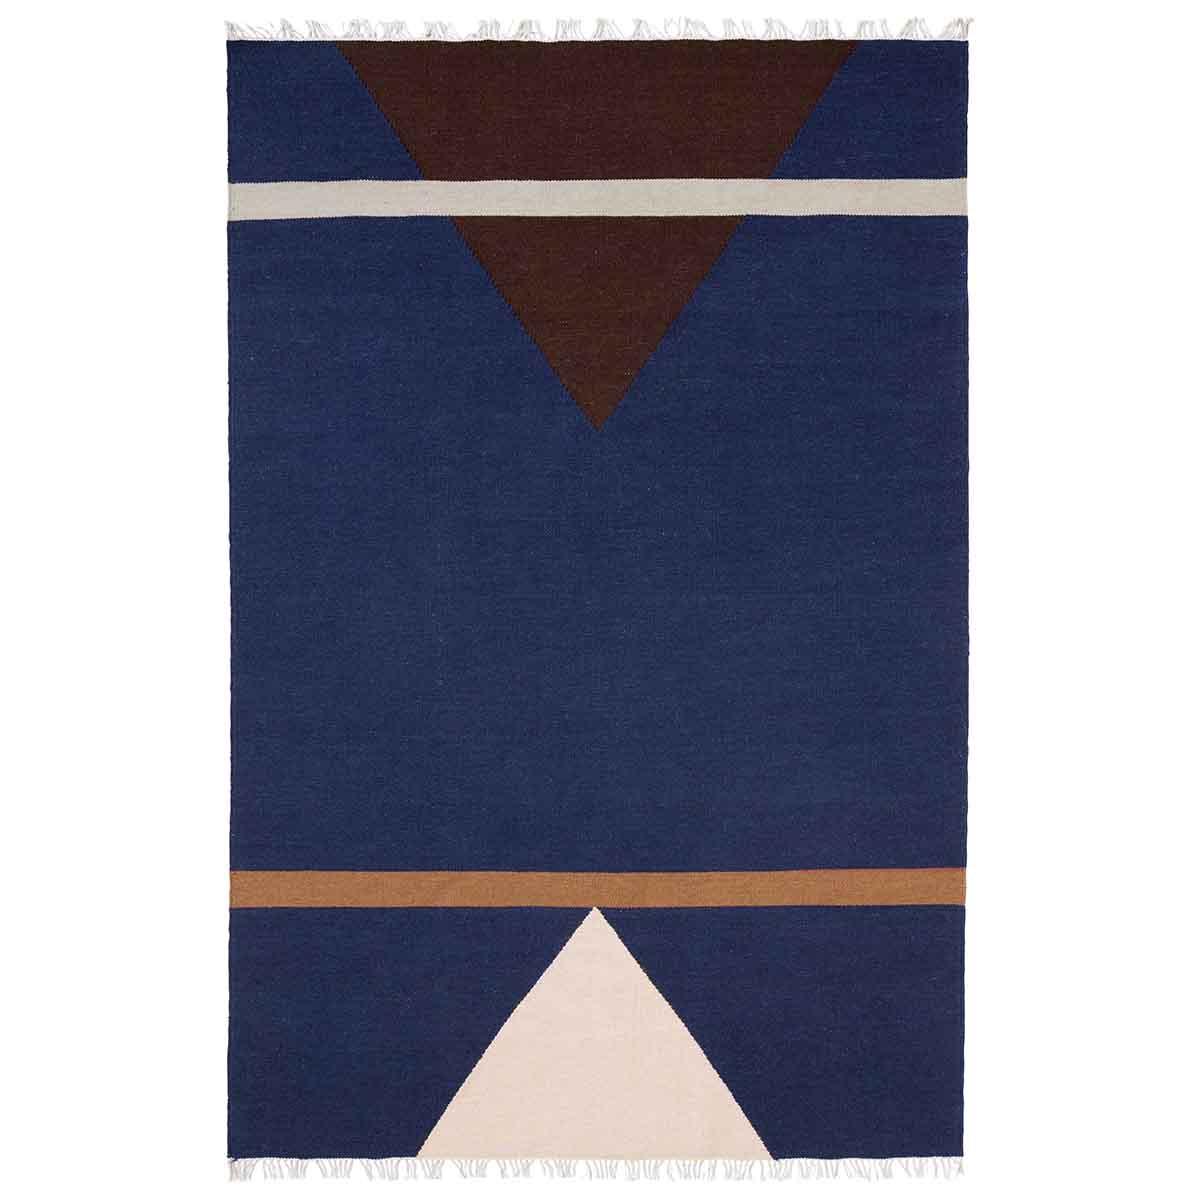 Image of   Nordal Sharp Gulvtæppe - 160x240 cm - blå, pink og vinrød